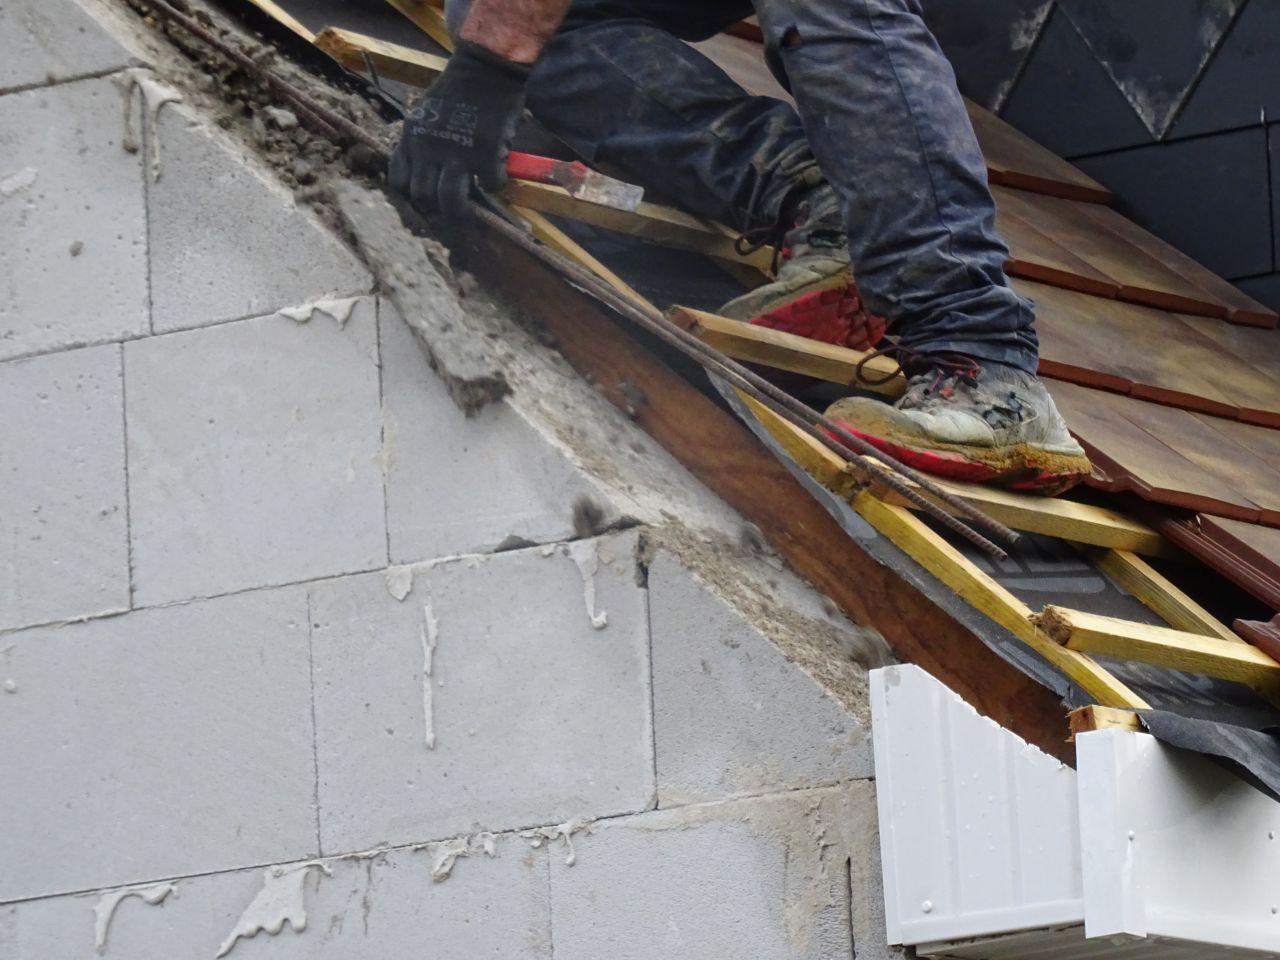 """Et voilà les reprises des reprises ! le """"béton"""" des reprises était trop haut, le charpentier ne peut pas remettre les tuiles, ils cassent tout à nouveau !"""